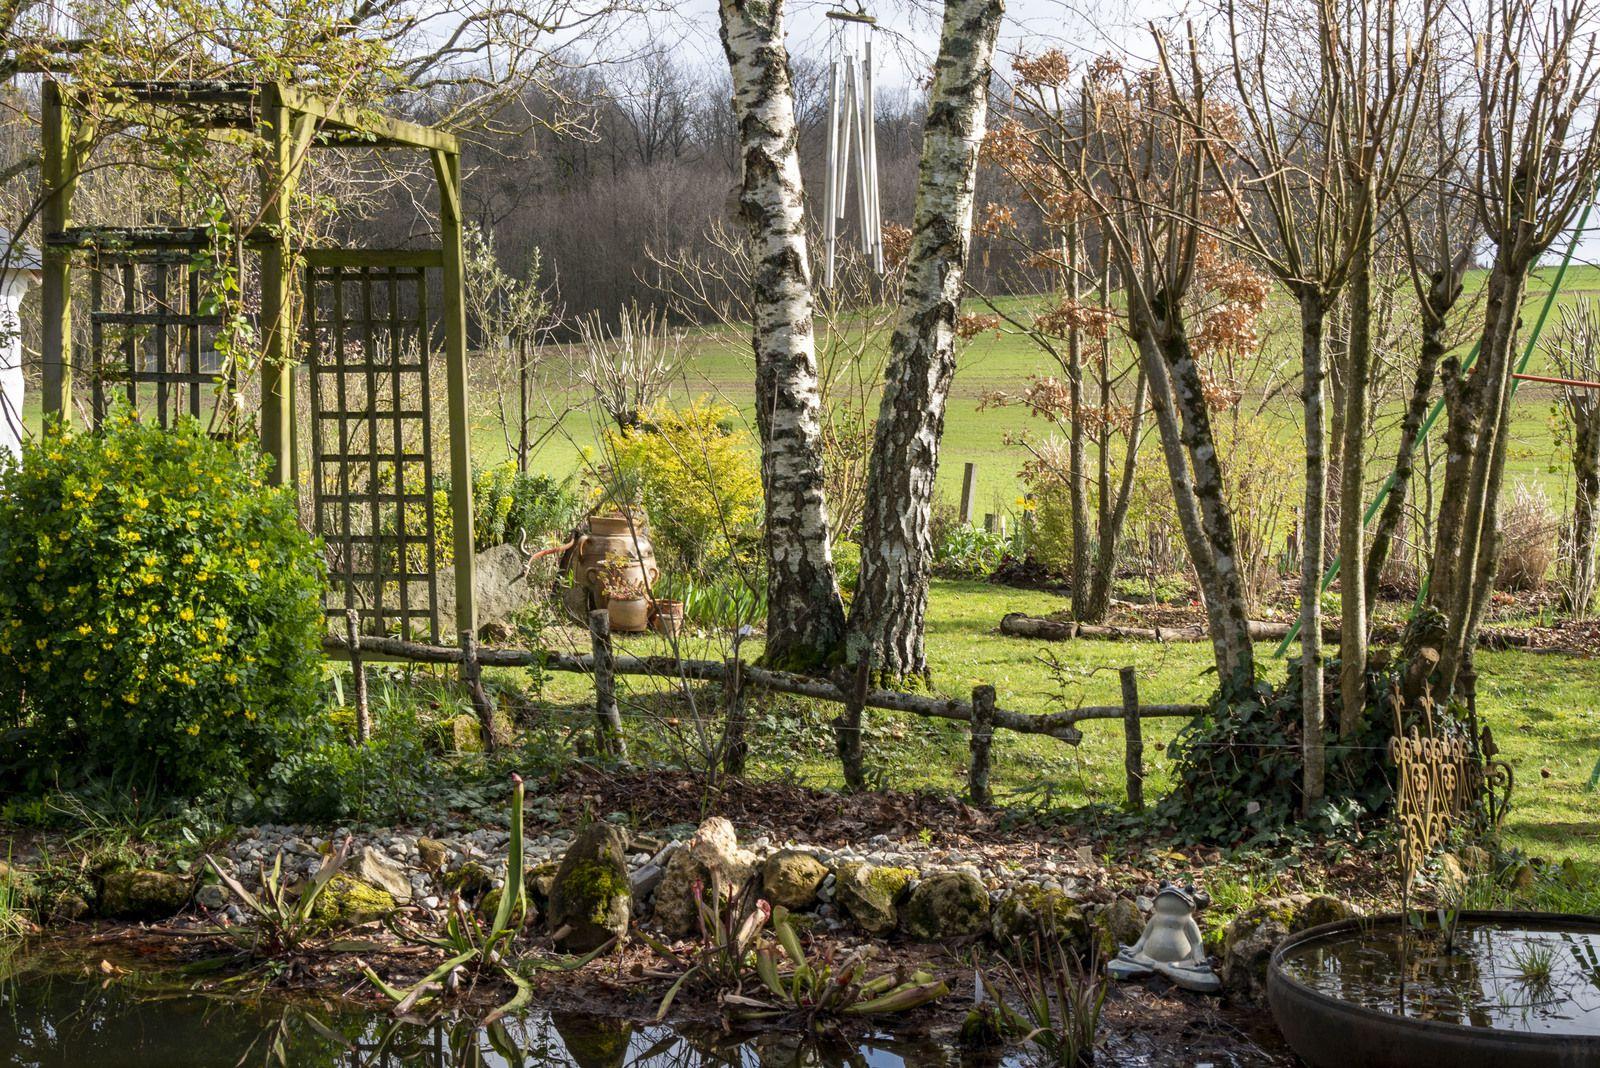 Balade 'Au gré du jardin'